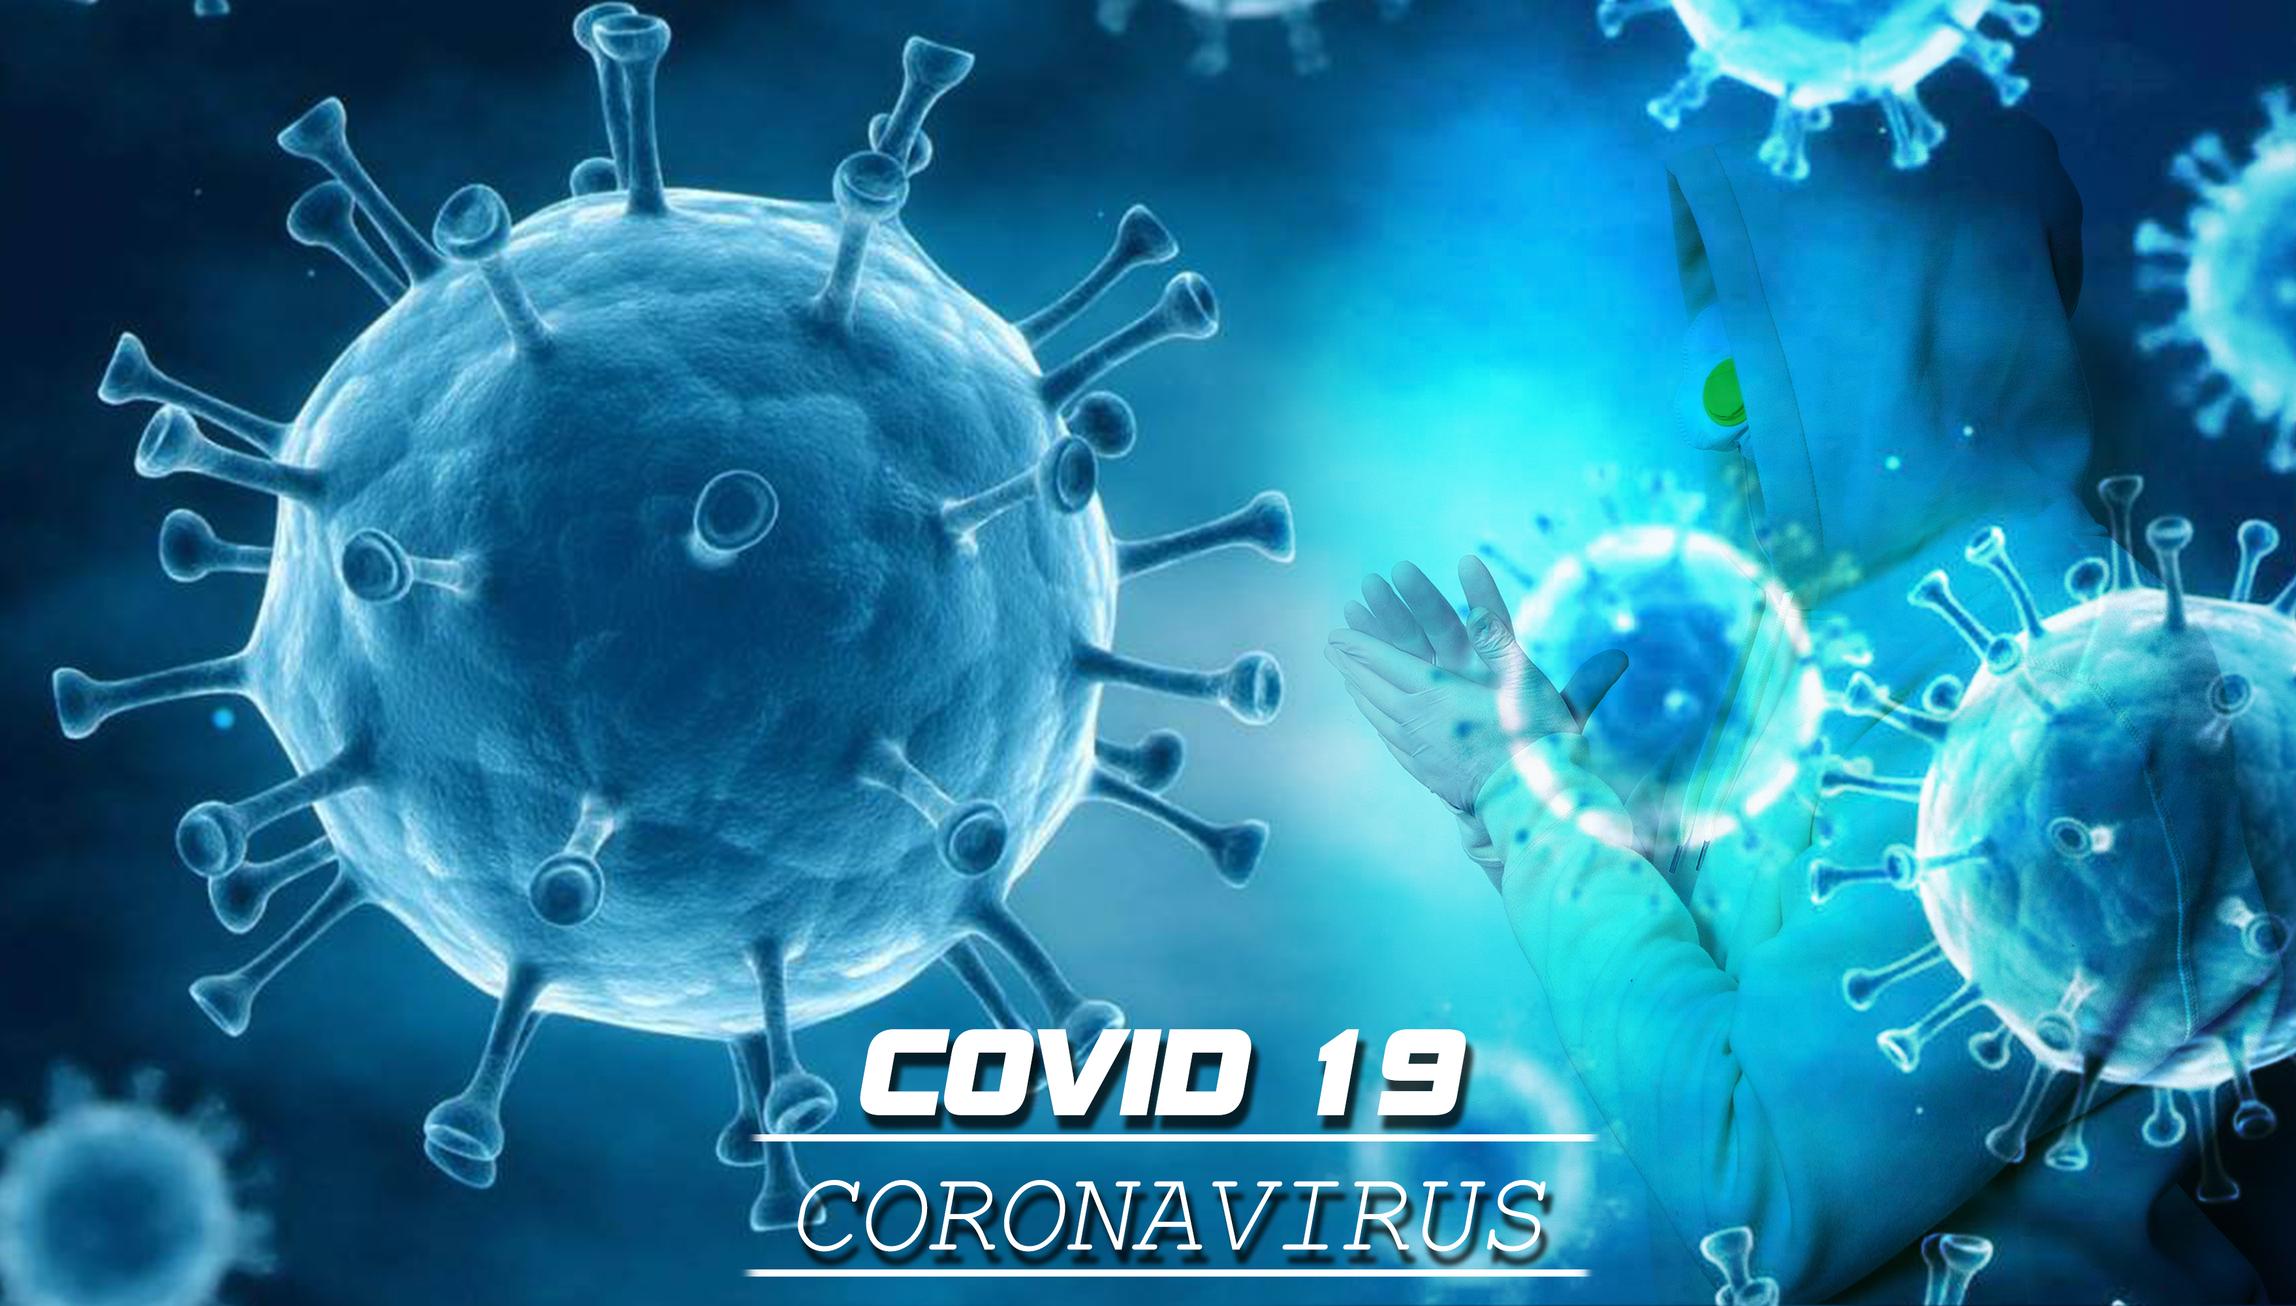 microscopic image of coronavirus